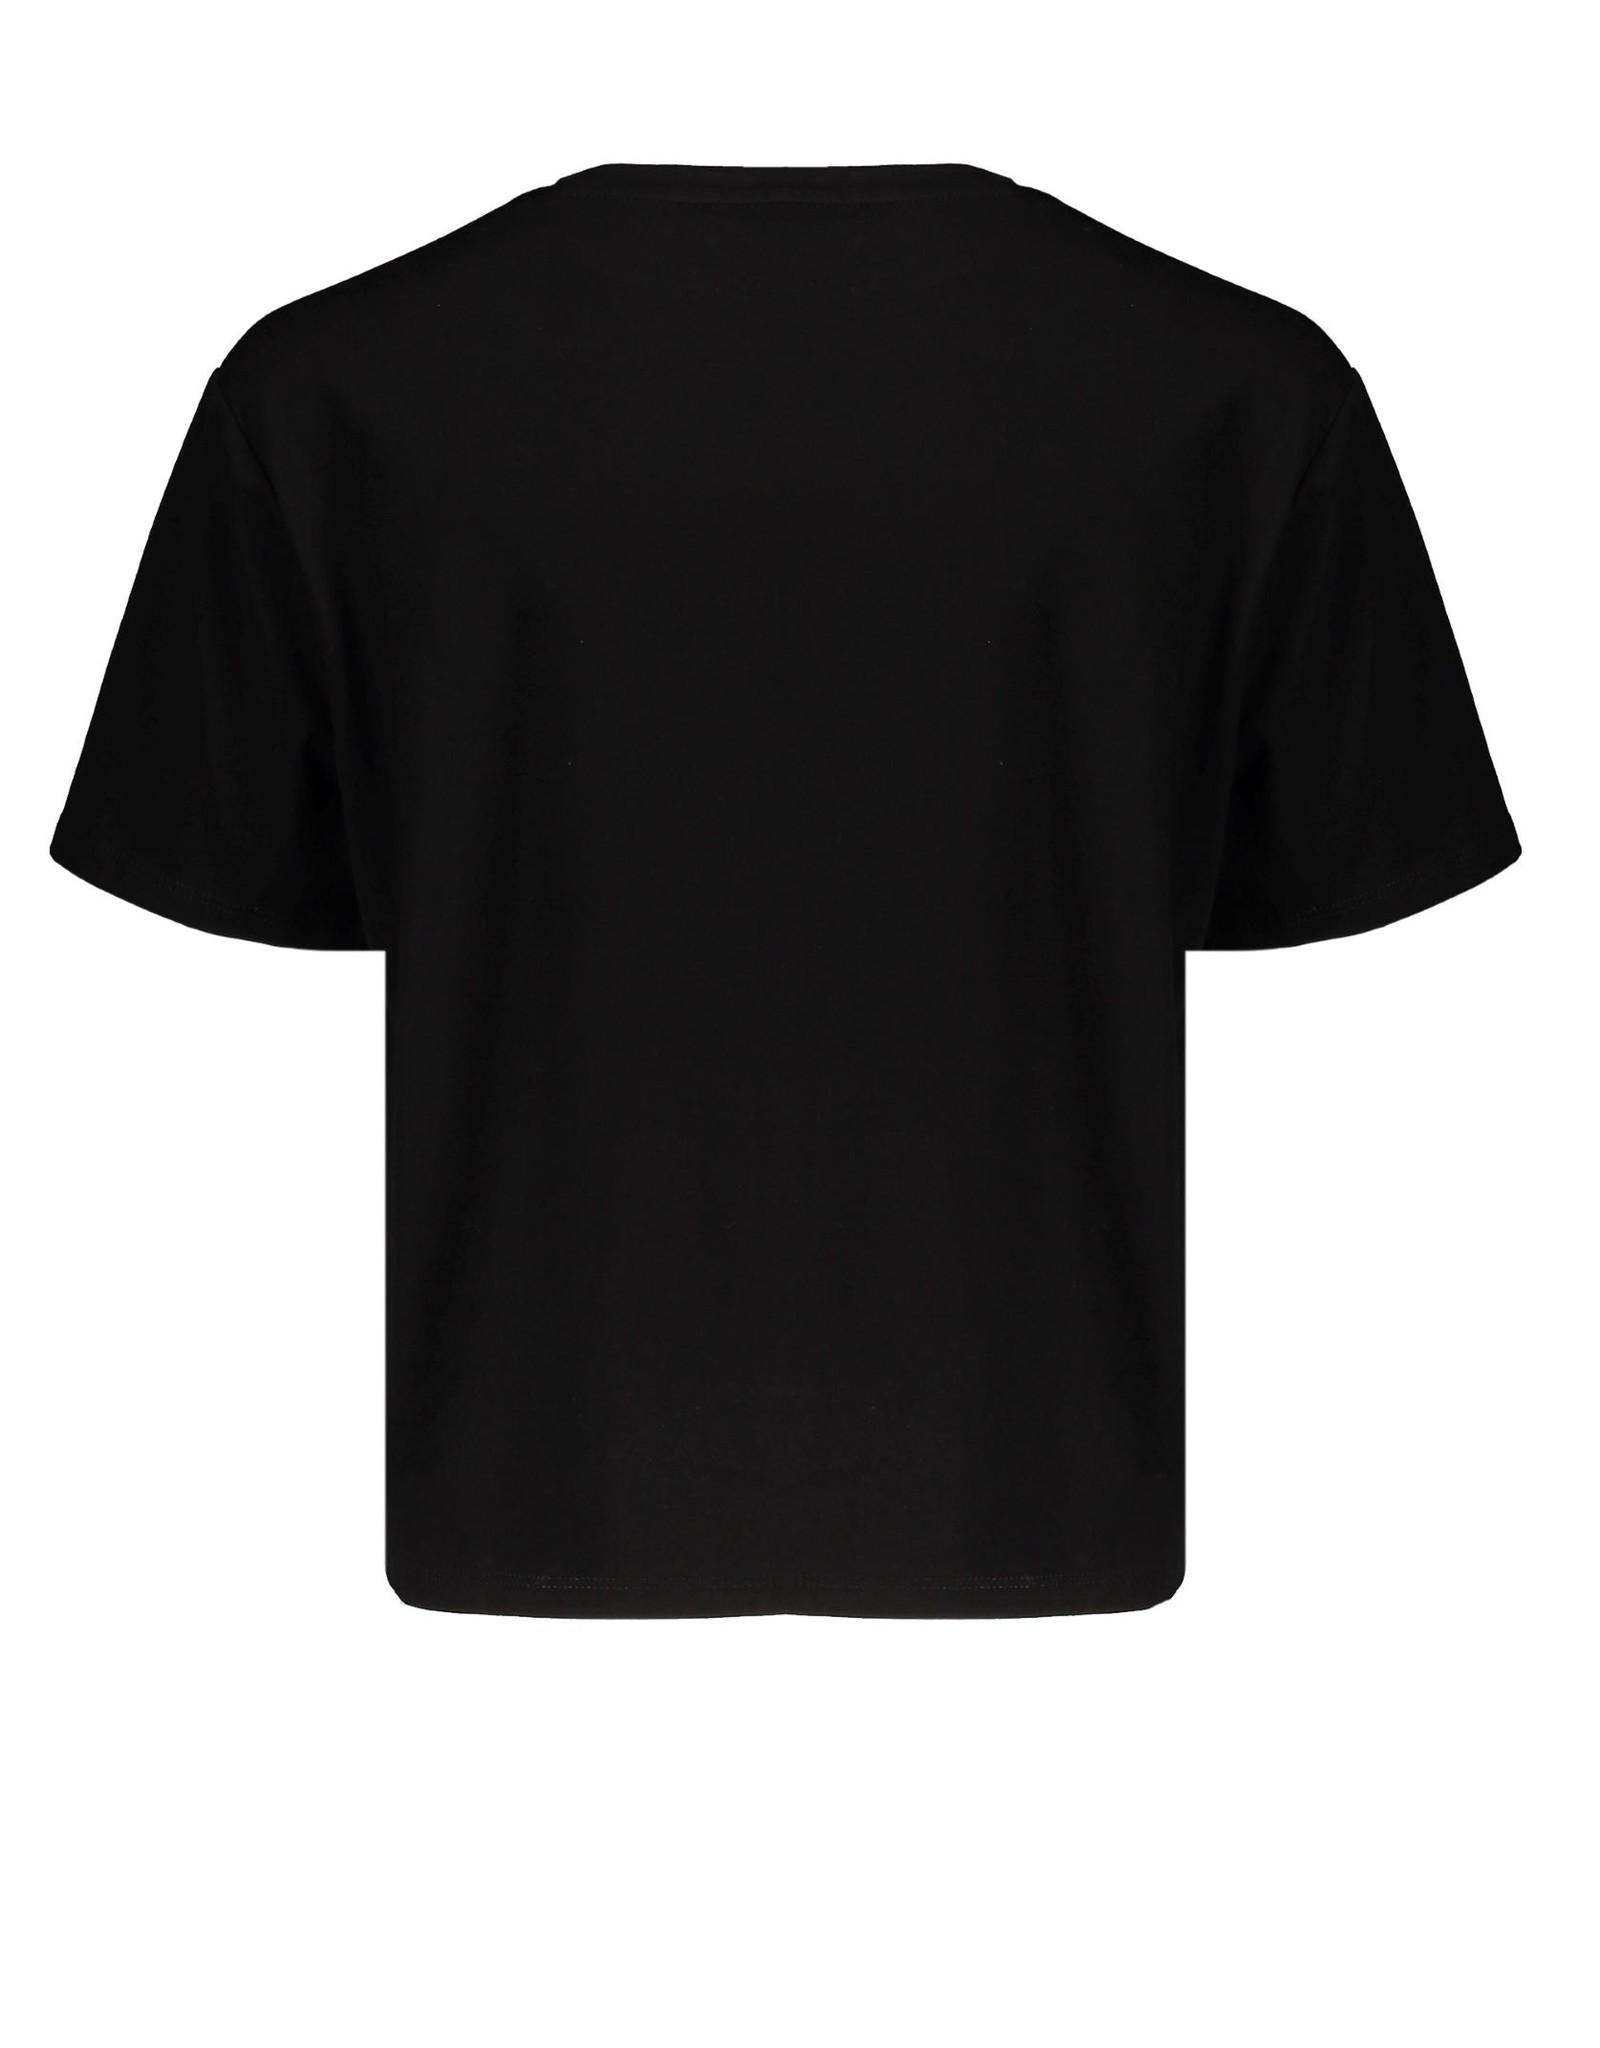 NoBell NoBell shirt 3400 jet black